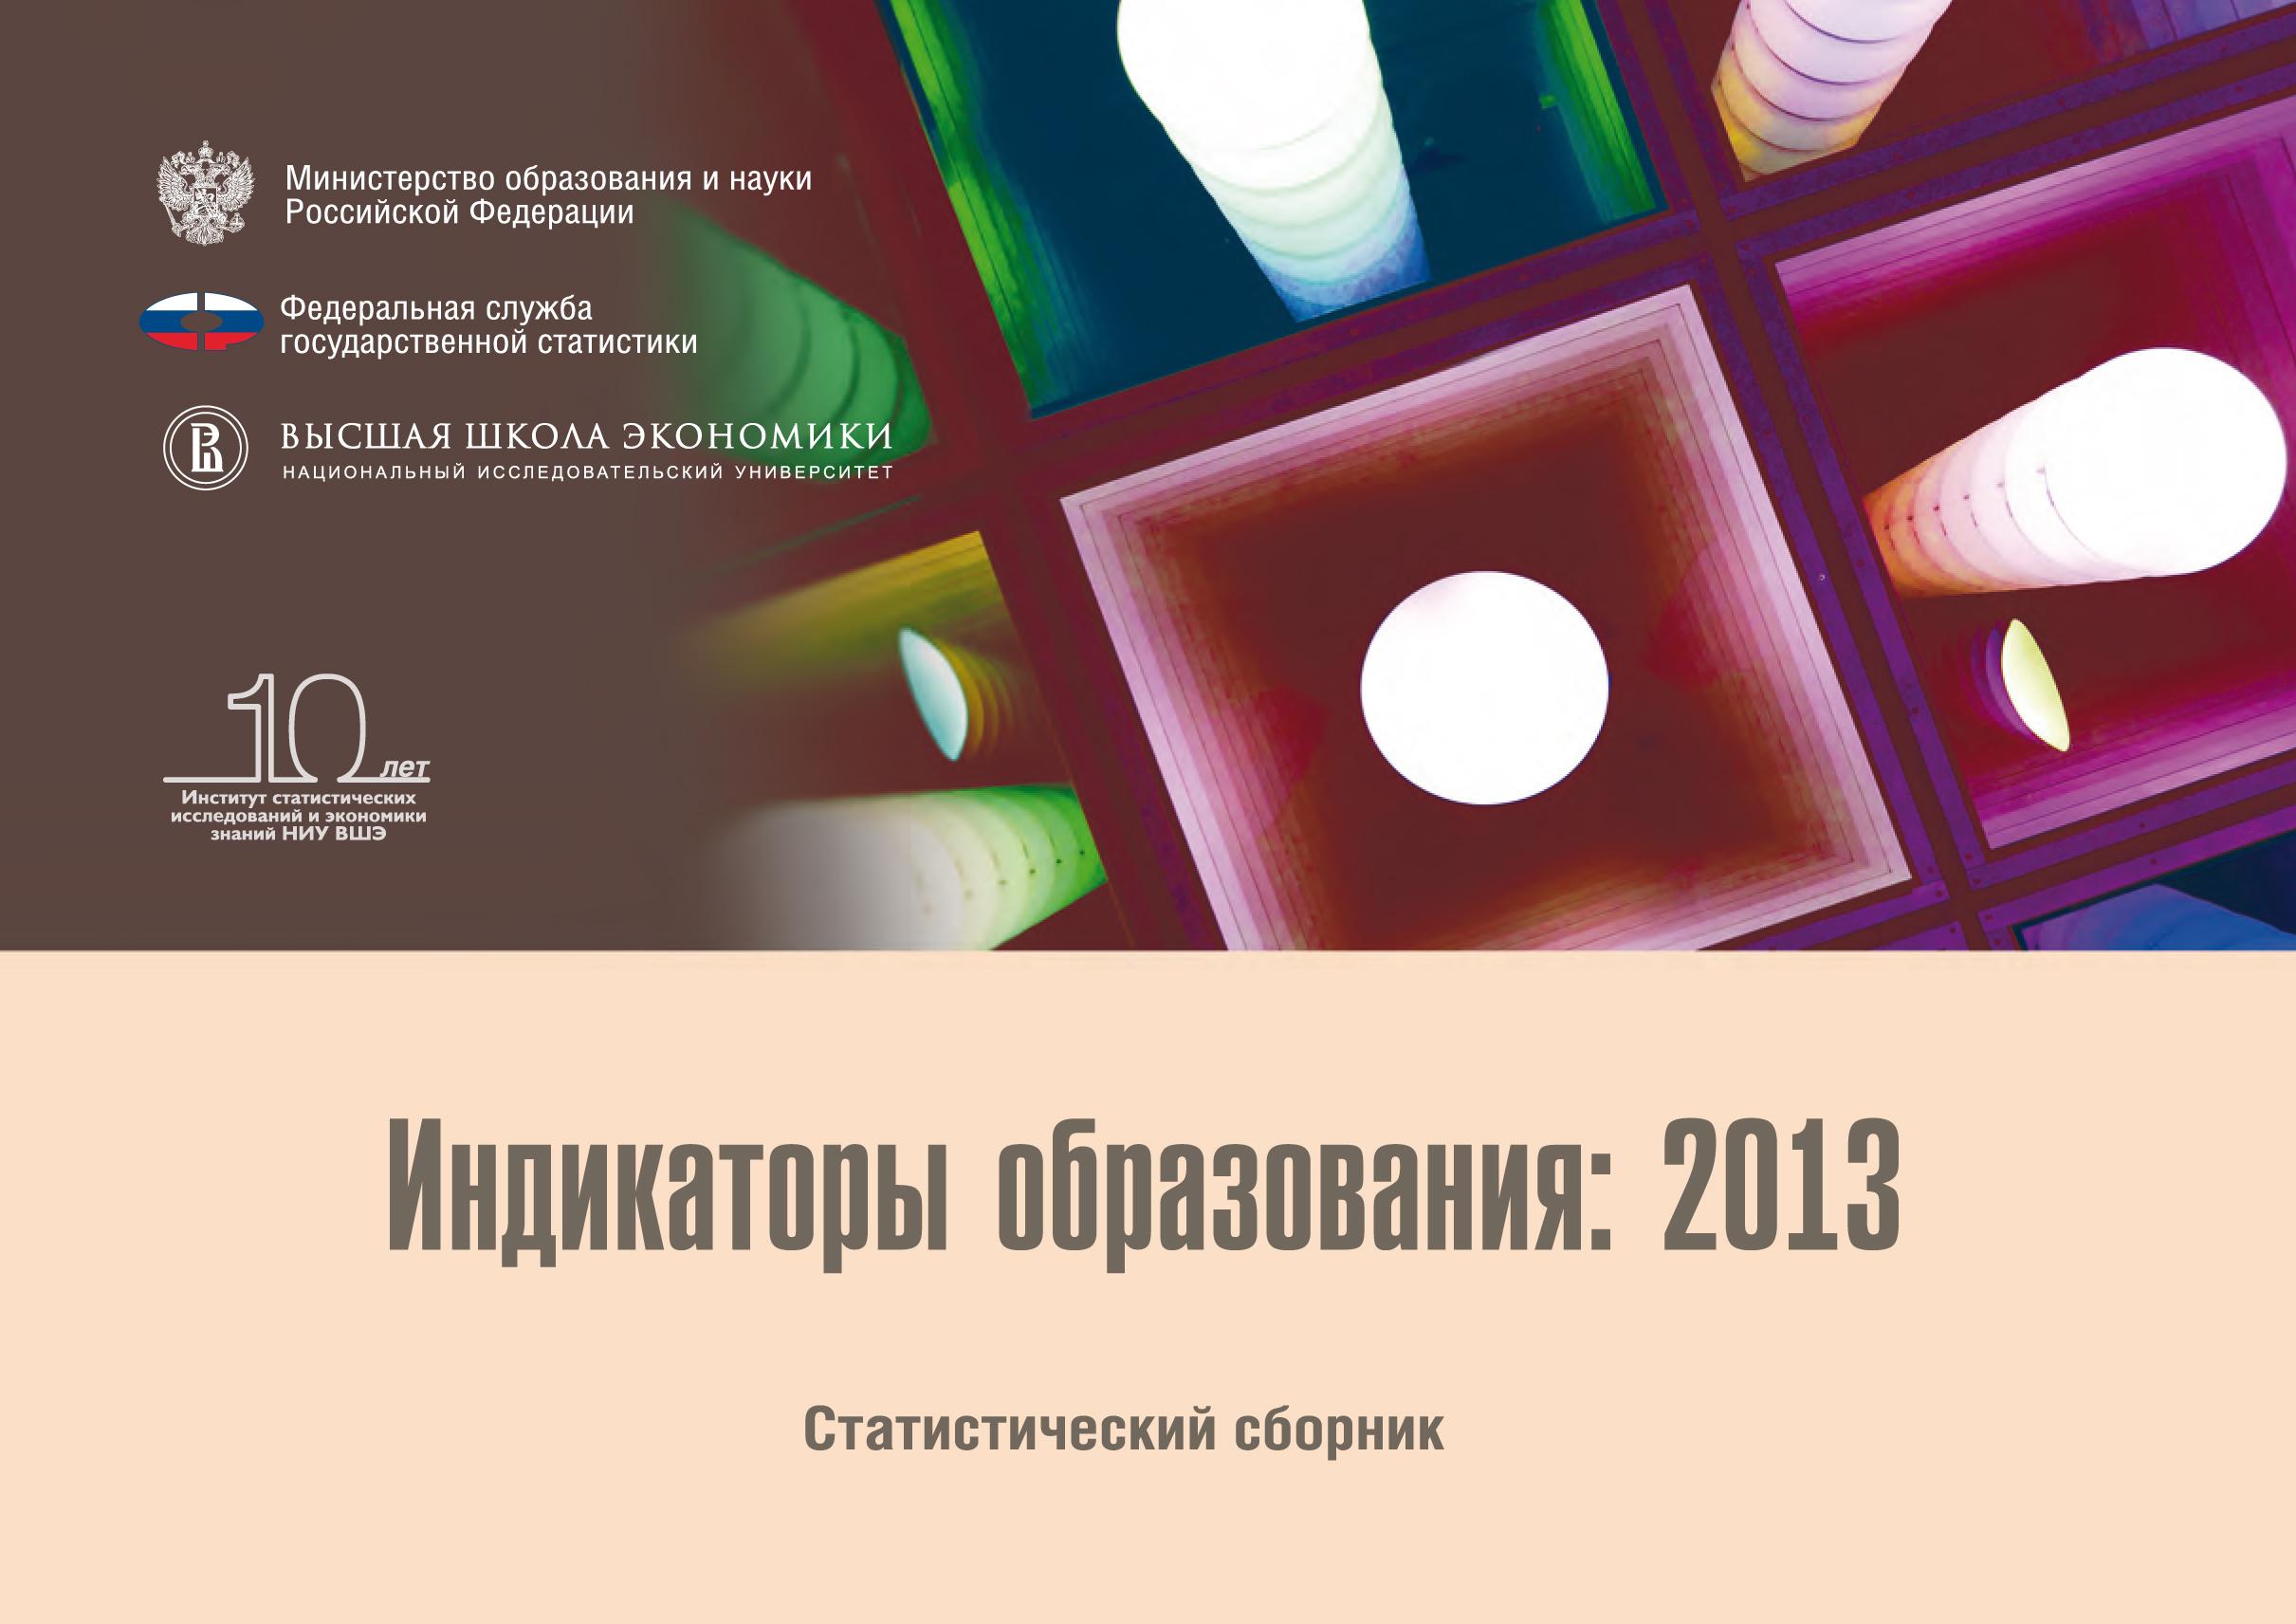 Индикаторы образования: 2013